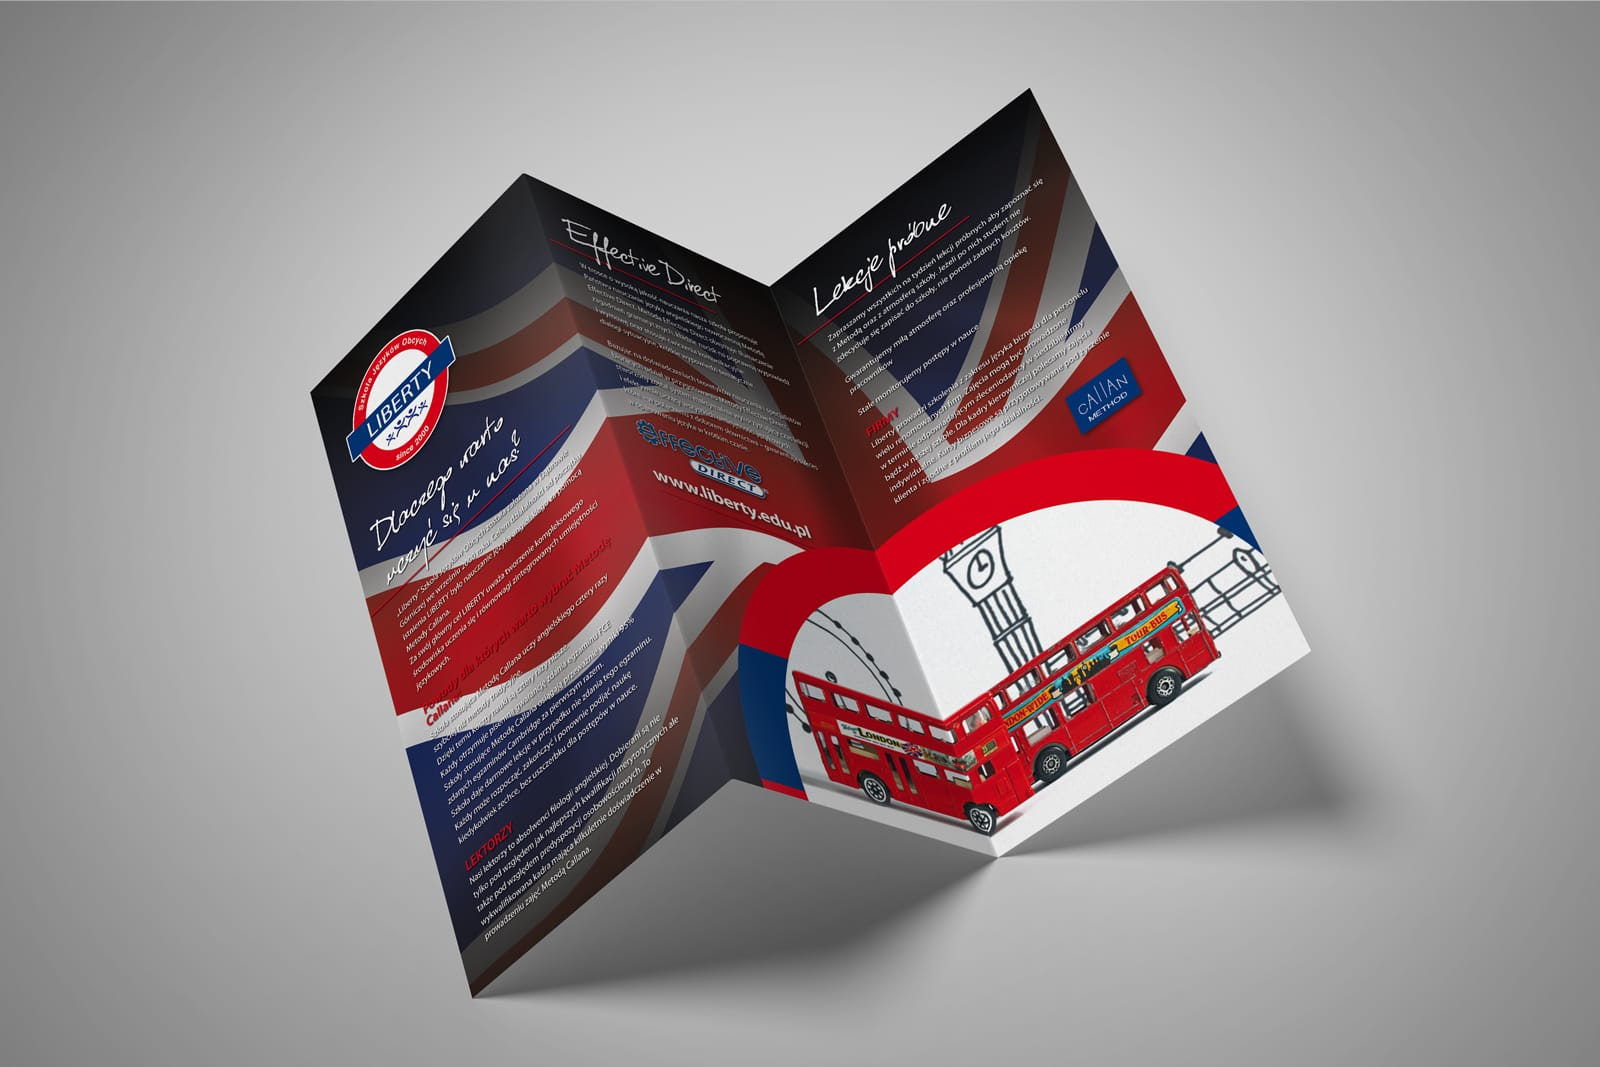 Liberty zestaw brandingowy, rebranding logo, broszury informacyjne, plakaty reklamowe, materiały targowe, reklamy zewnętrzne agencja brandingowa Moweli Creative